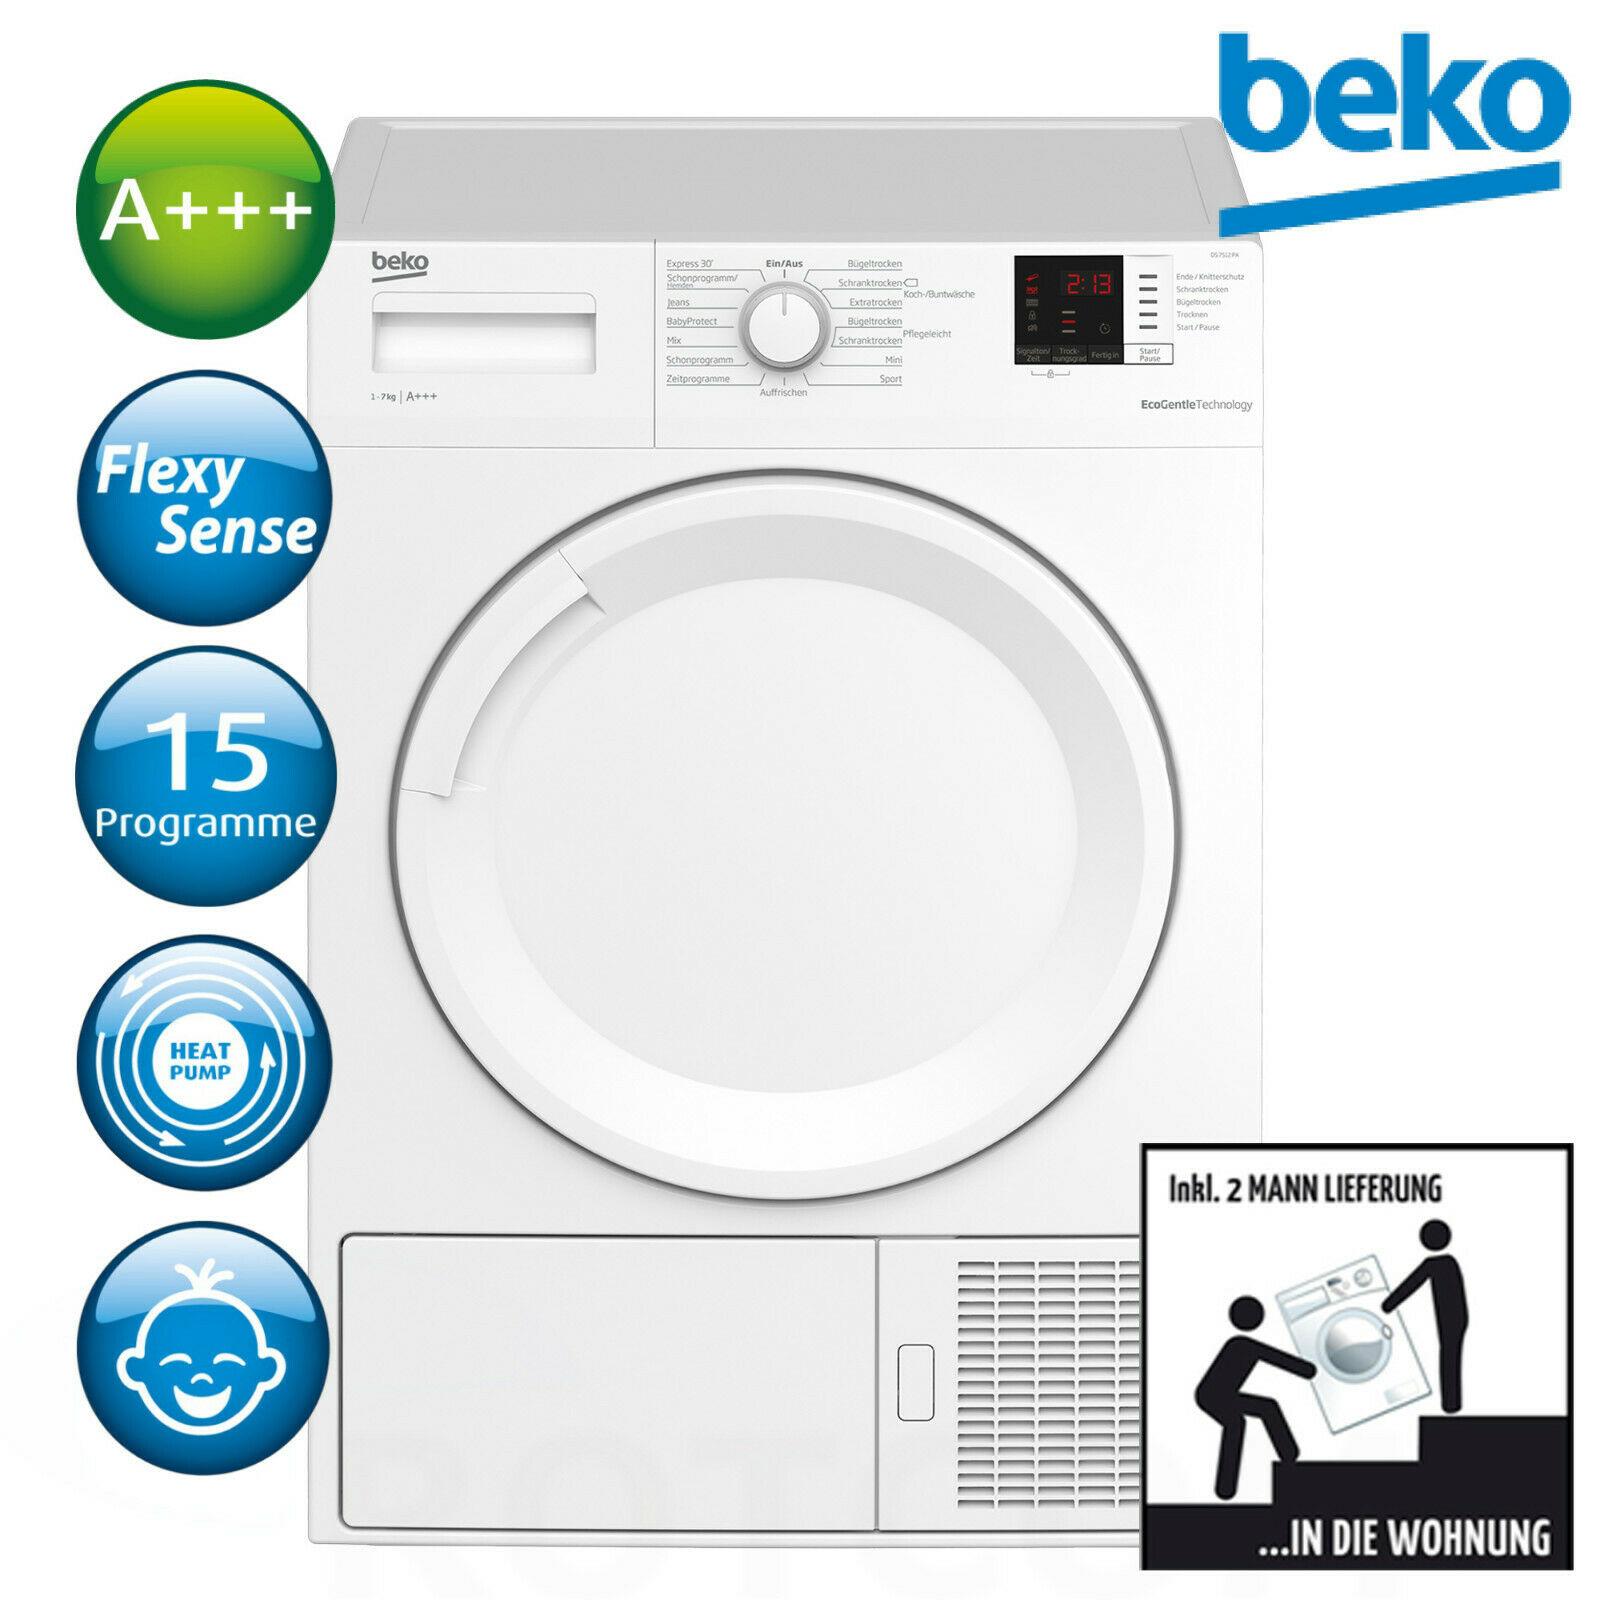 [ebay] Beko Trockner A+++ Wärmepumpentrockner Wäschetrockner DS7512PA 7kg zu 369,90€